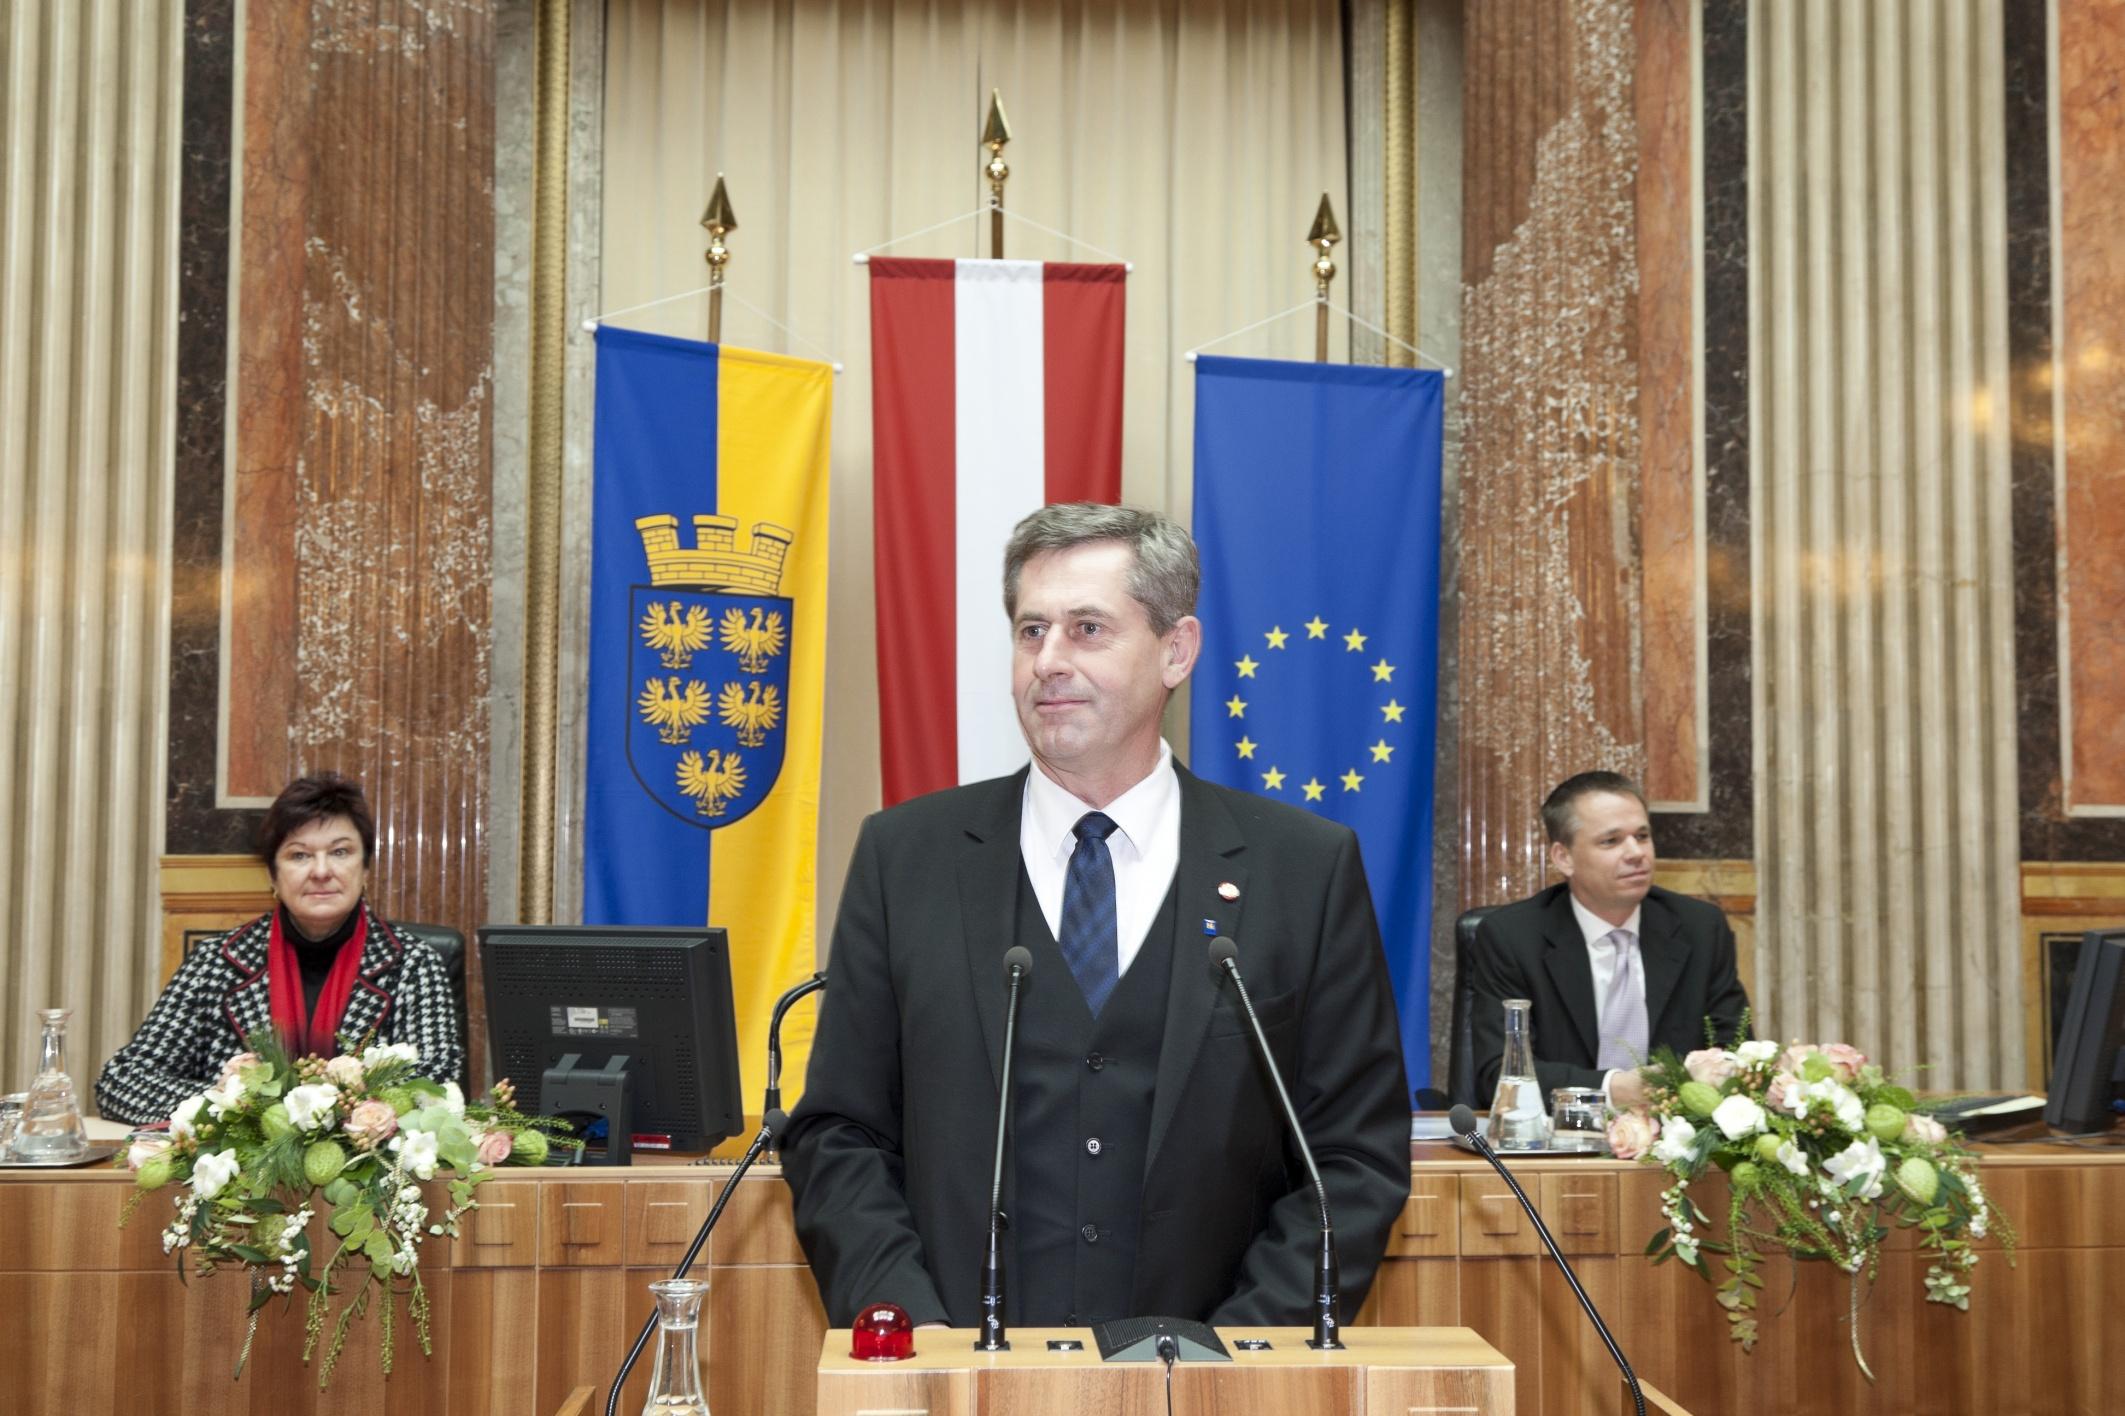 Martin Preineder - Präsident des Bundesrates am Rednerpult